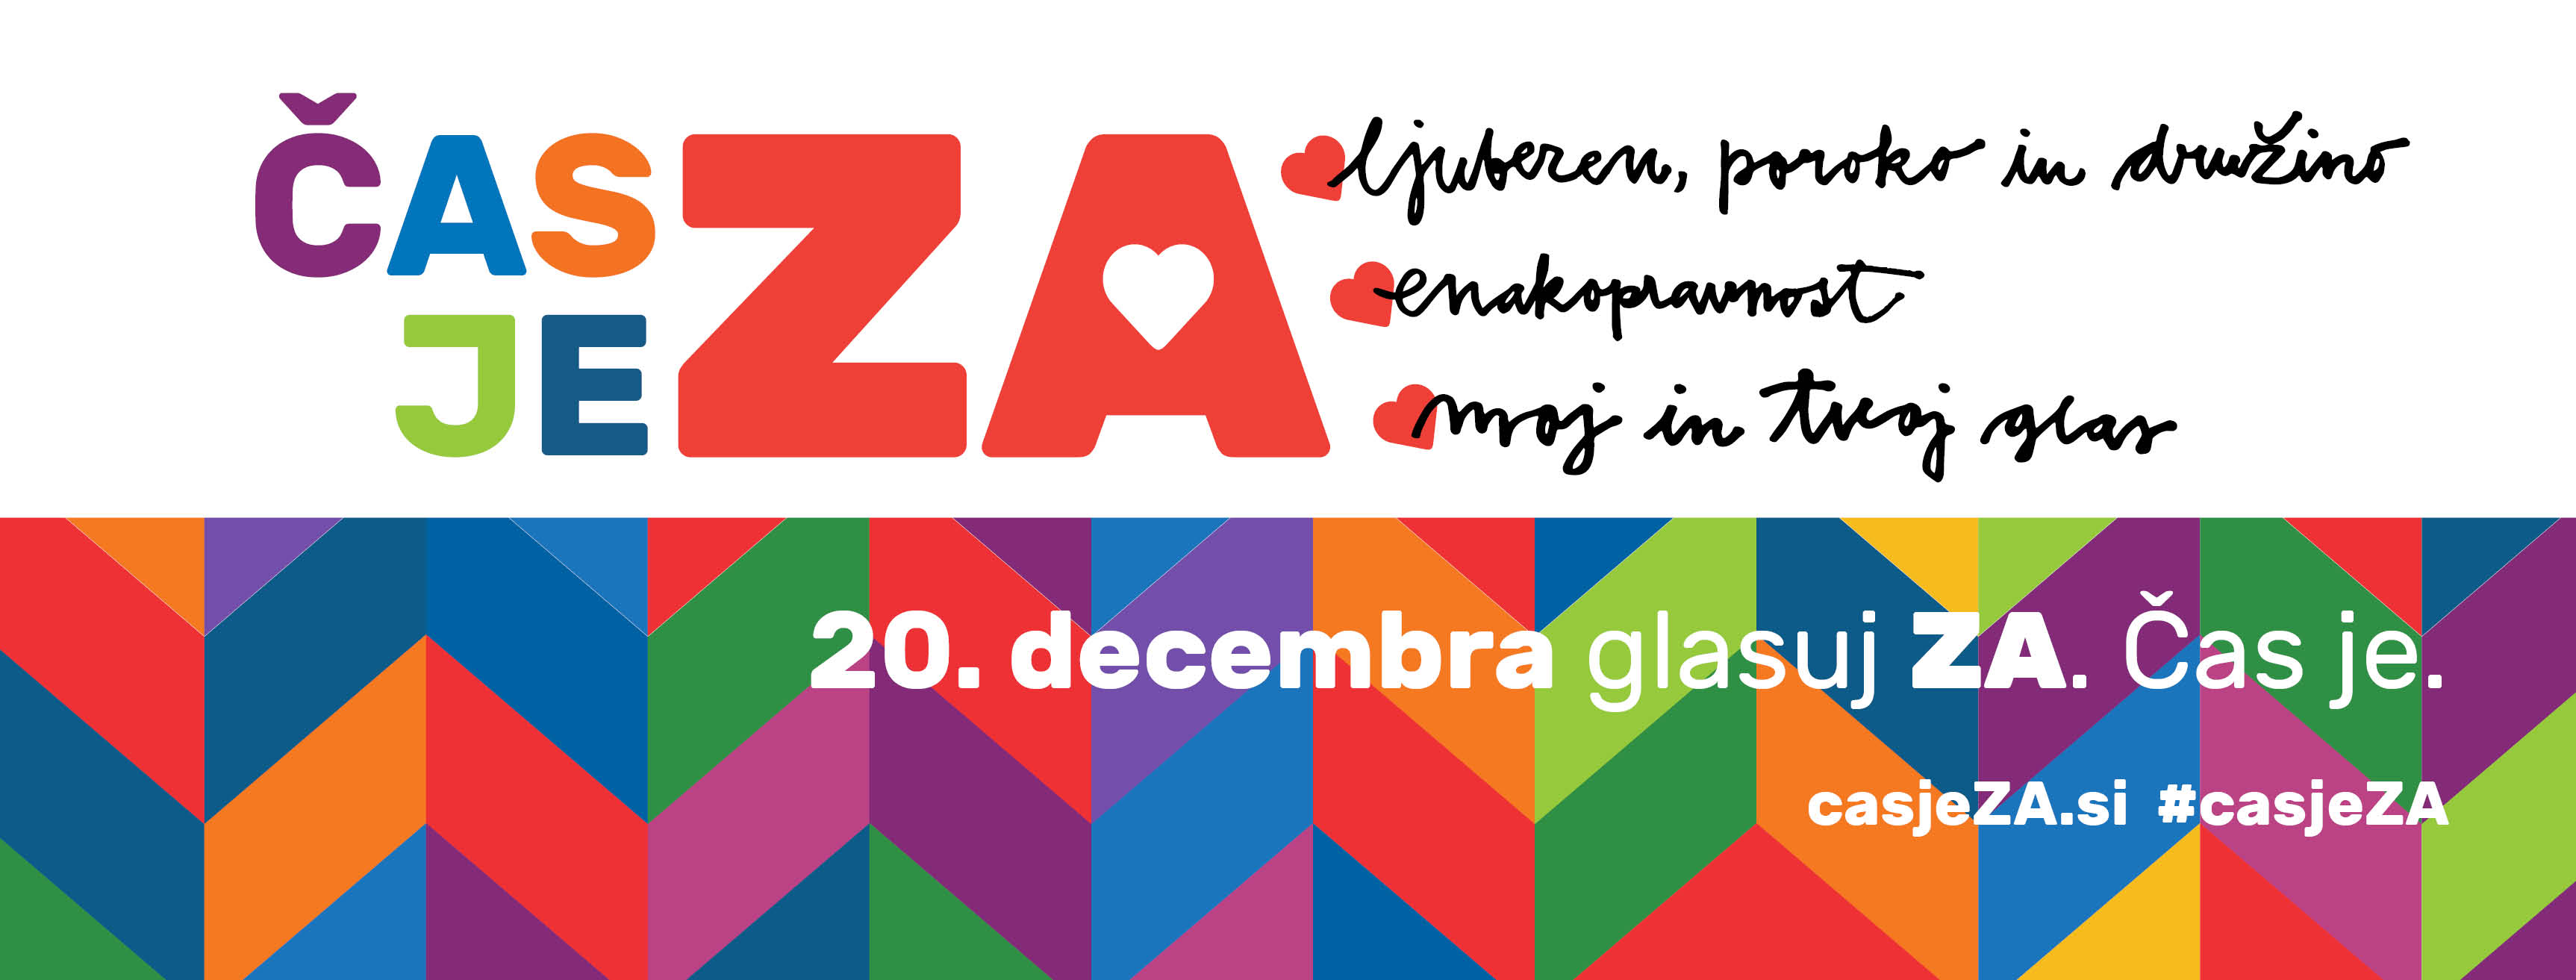 05-ZA-facebook-cover-page